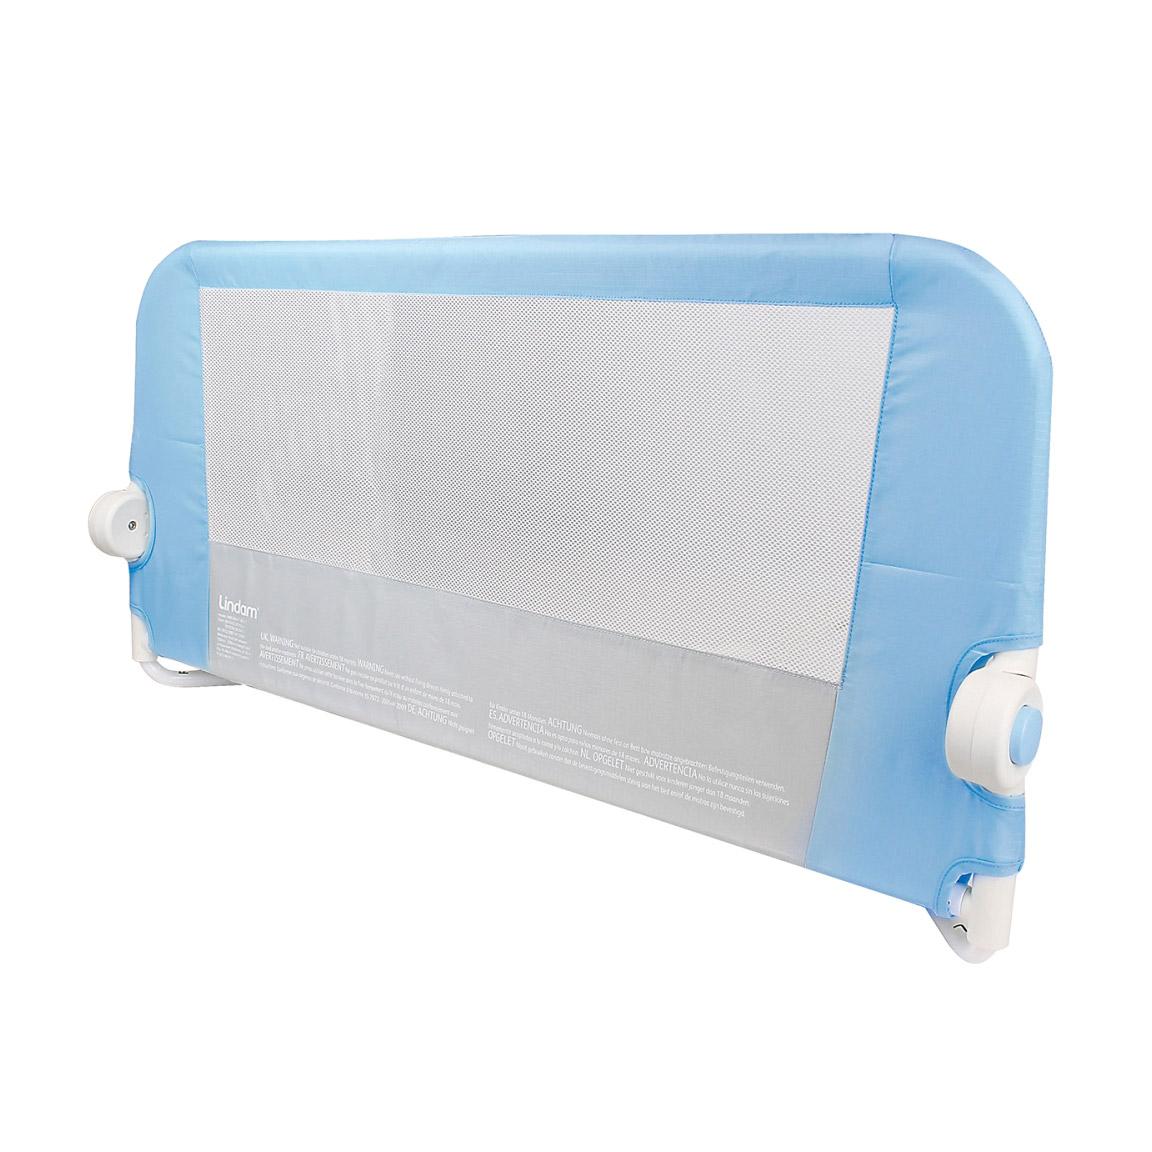 Бортик защитный Munchkin Lindam для кровати на металическом каркасе с тканью голубой 95 см фото